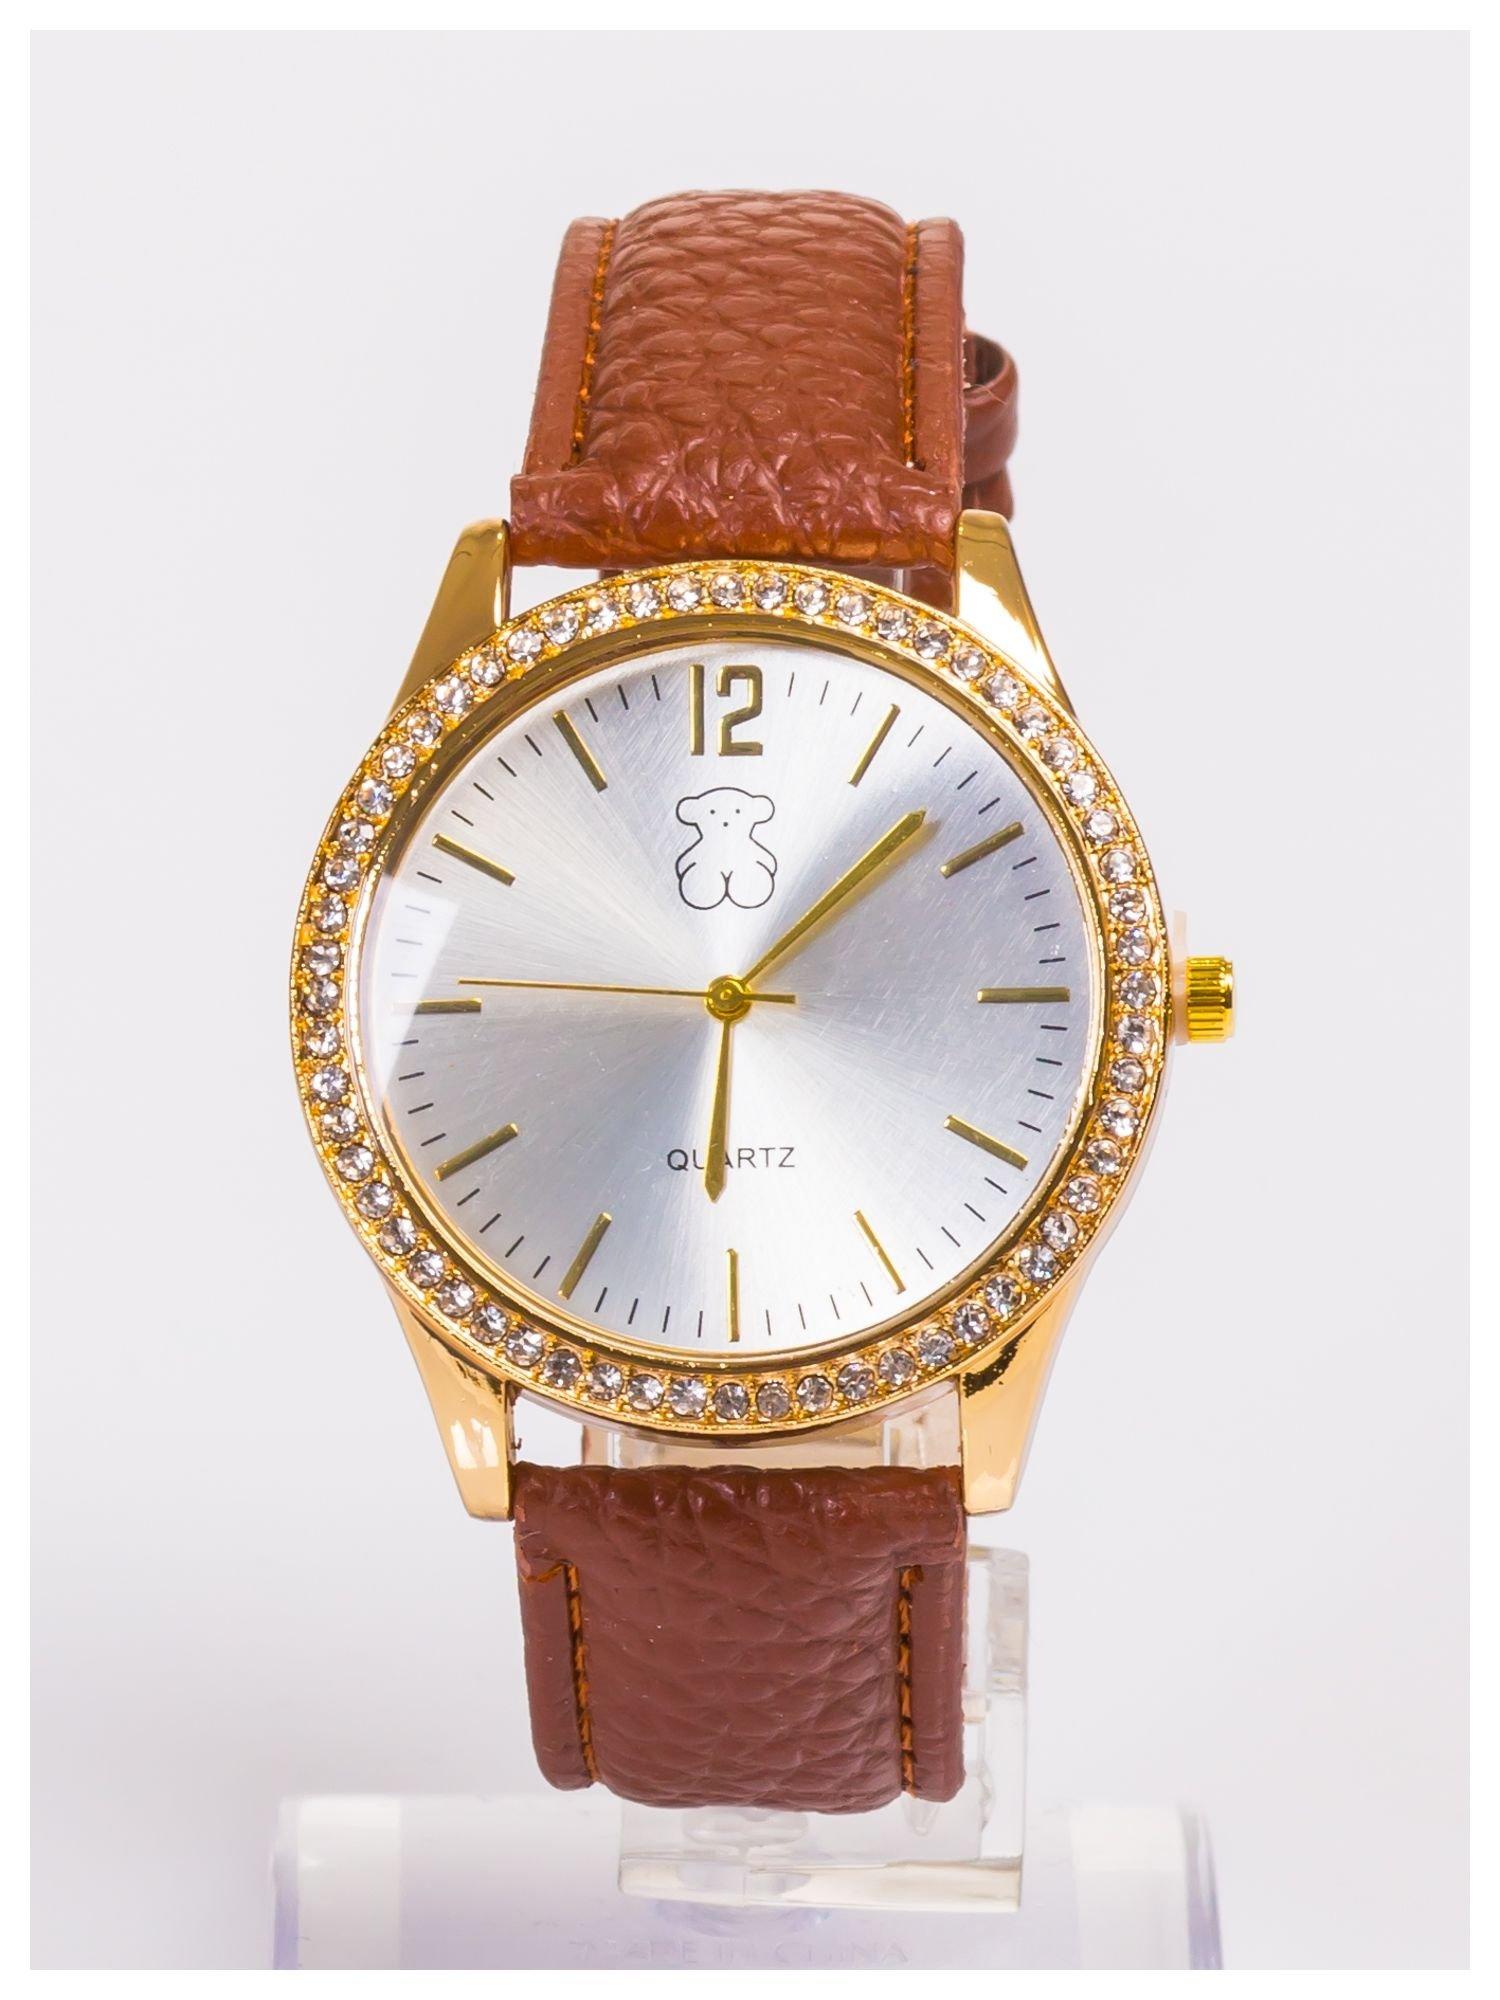 Damski zegarek z cyrkoniami z dużą wyraźną tarczą                                  zdj.                                  1